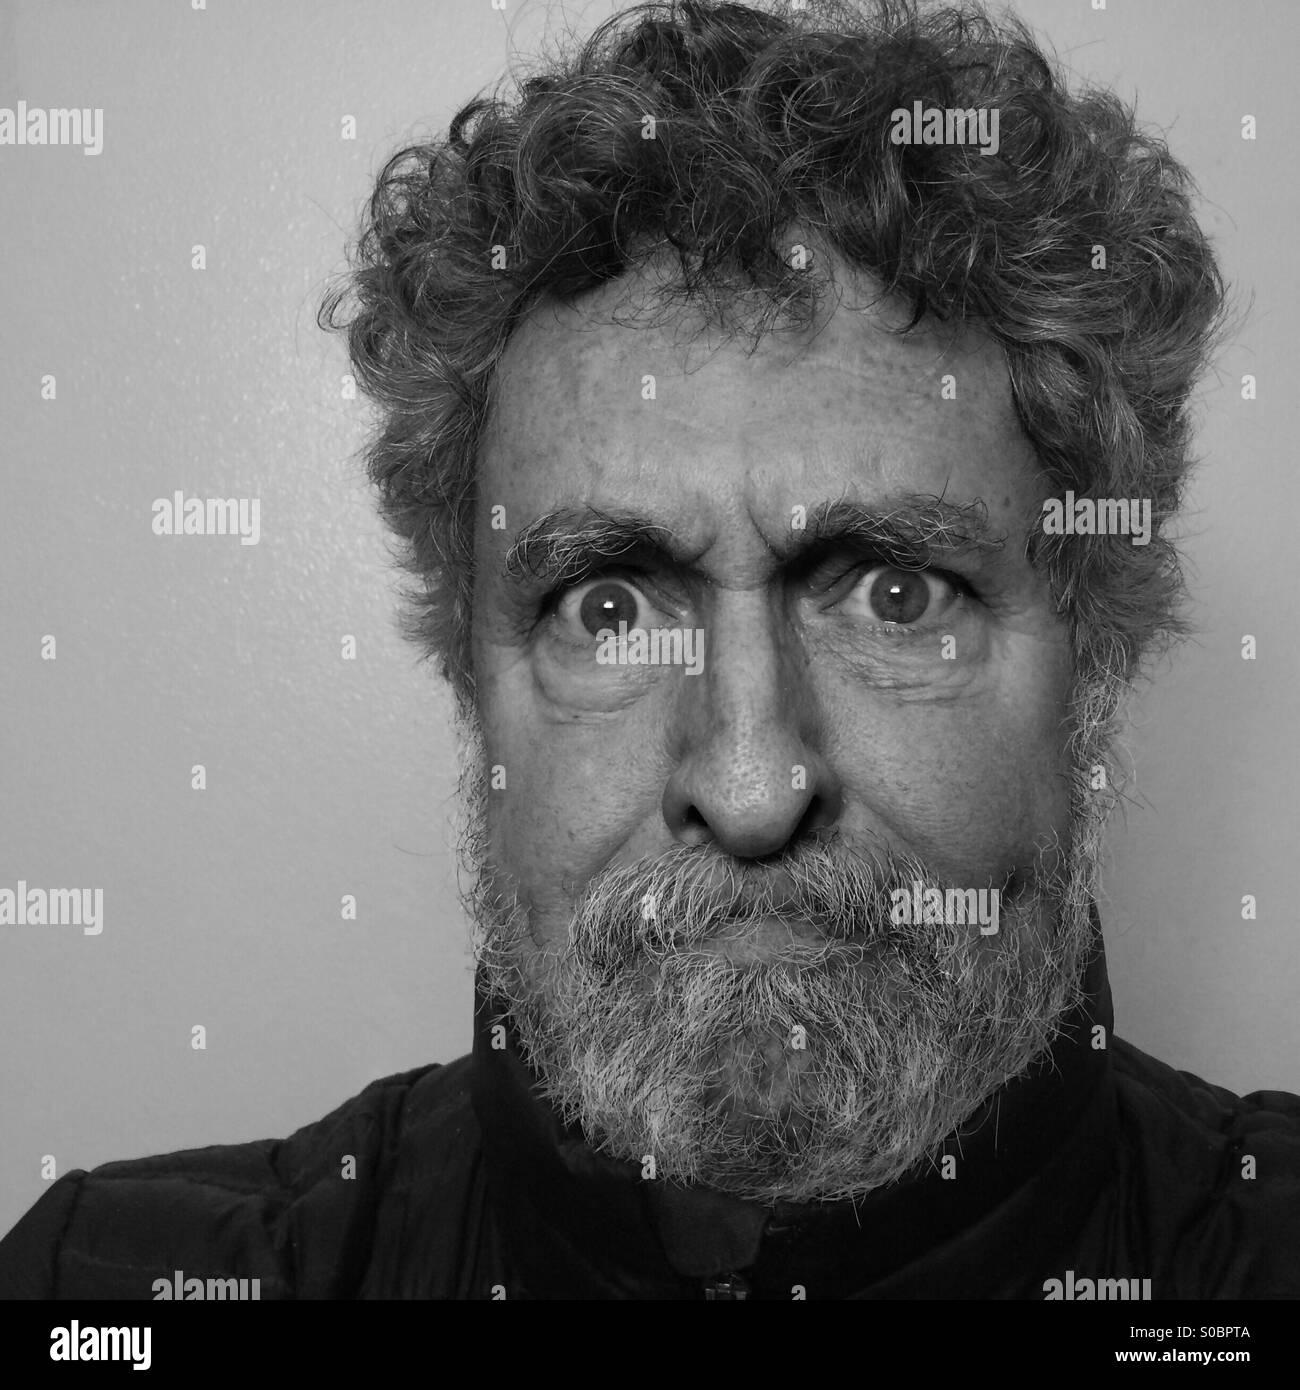 Weißer Mann, Alter 64, mit Bart und Ausdruck von Wut und Frustration, close-up, Seattle, USA Stockbild